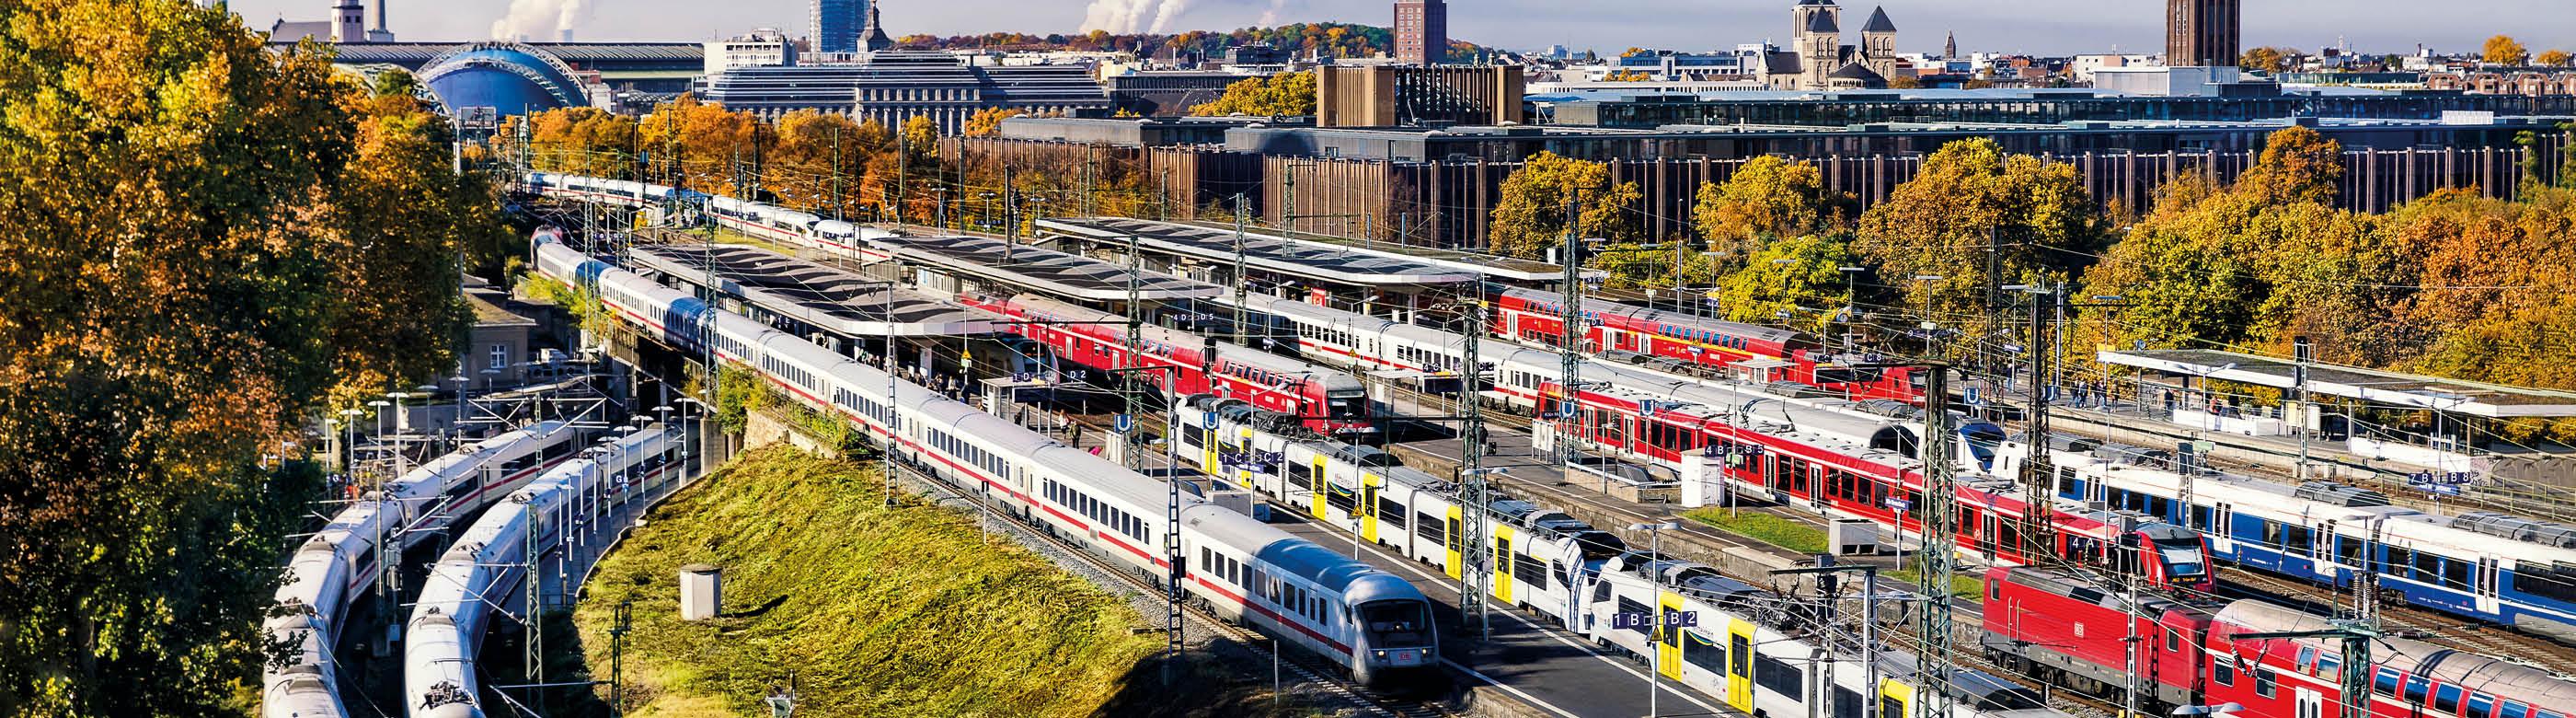 <div>Der Bund und das Land NRW einigen sich auf die Finanzierung der Westspange zwischen Köln Hansaring und Hürth-Kalscheuren. Damit kommt der Ausbau der S-Bahn Köln einen entscheidenden Schritt voran.</div>